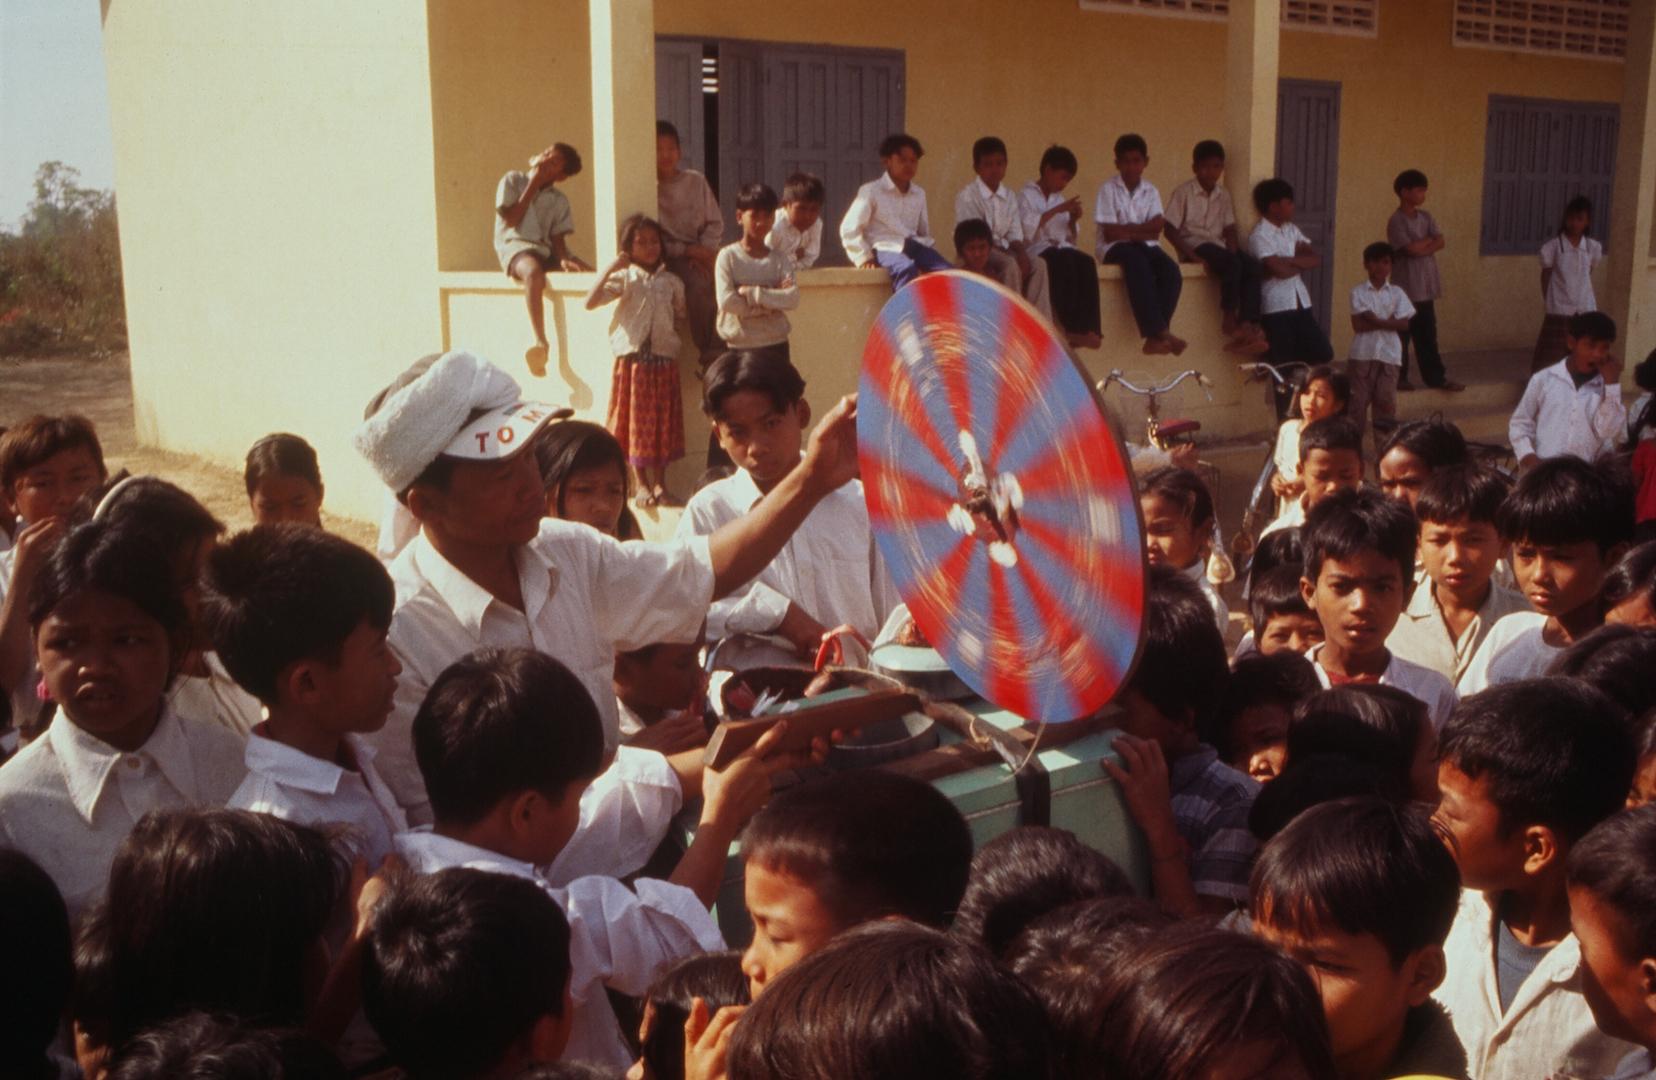 Devant l'école d'An Long Ven au Cambodge - décembre 2000. (Copyright : Bruno Birolli)